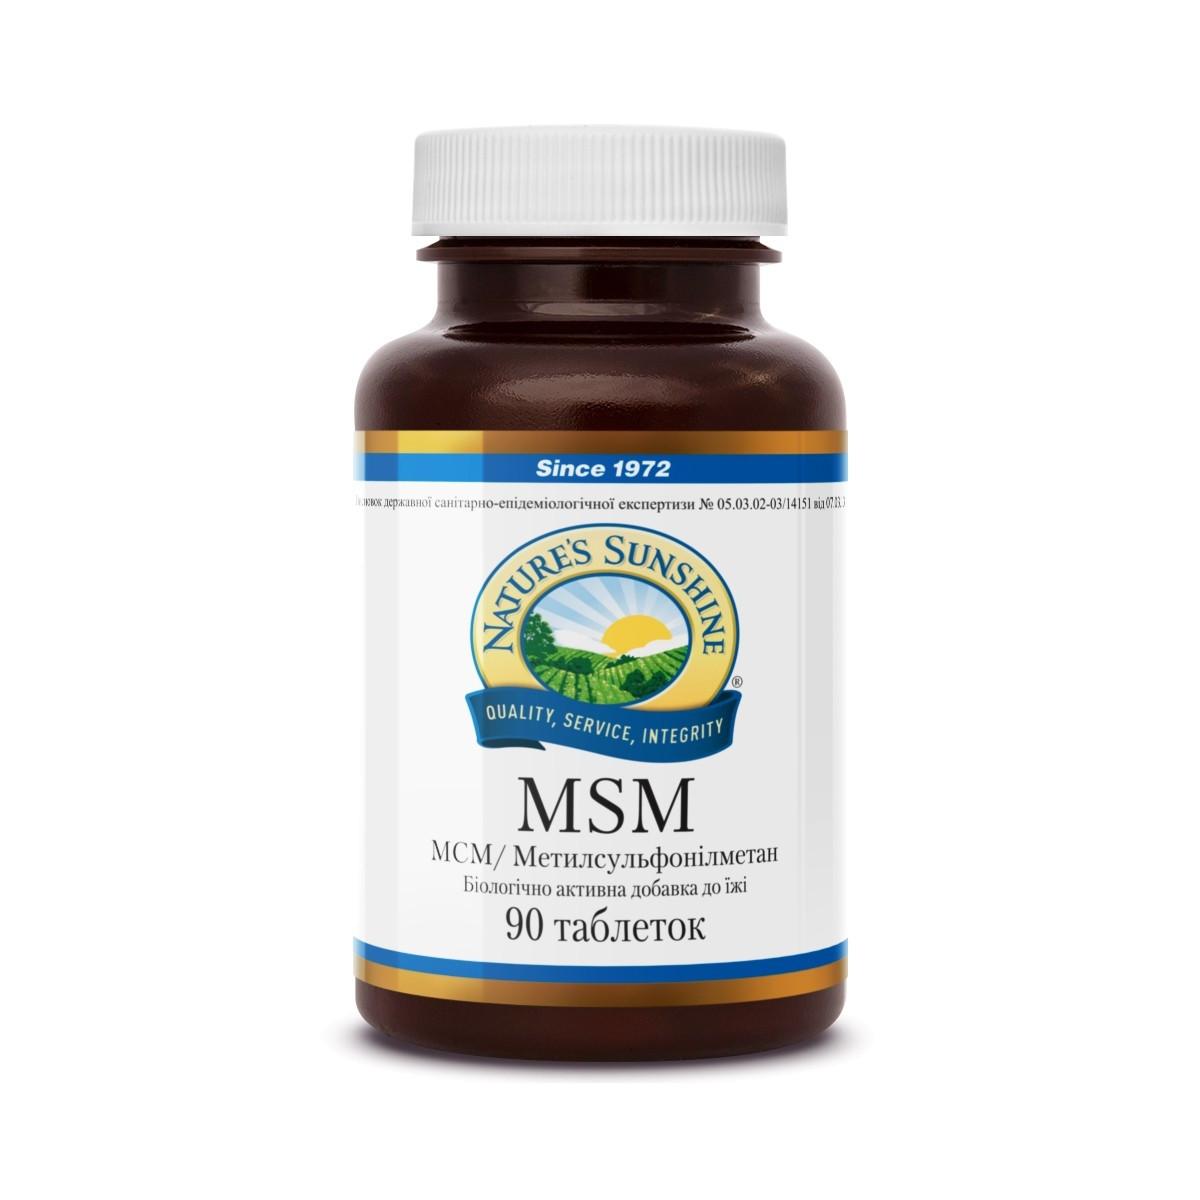 Сера. МСМ MSM бад НСП для очистки  крови от аллергенов.